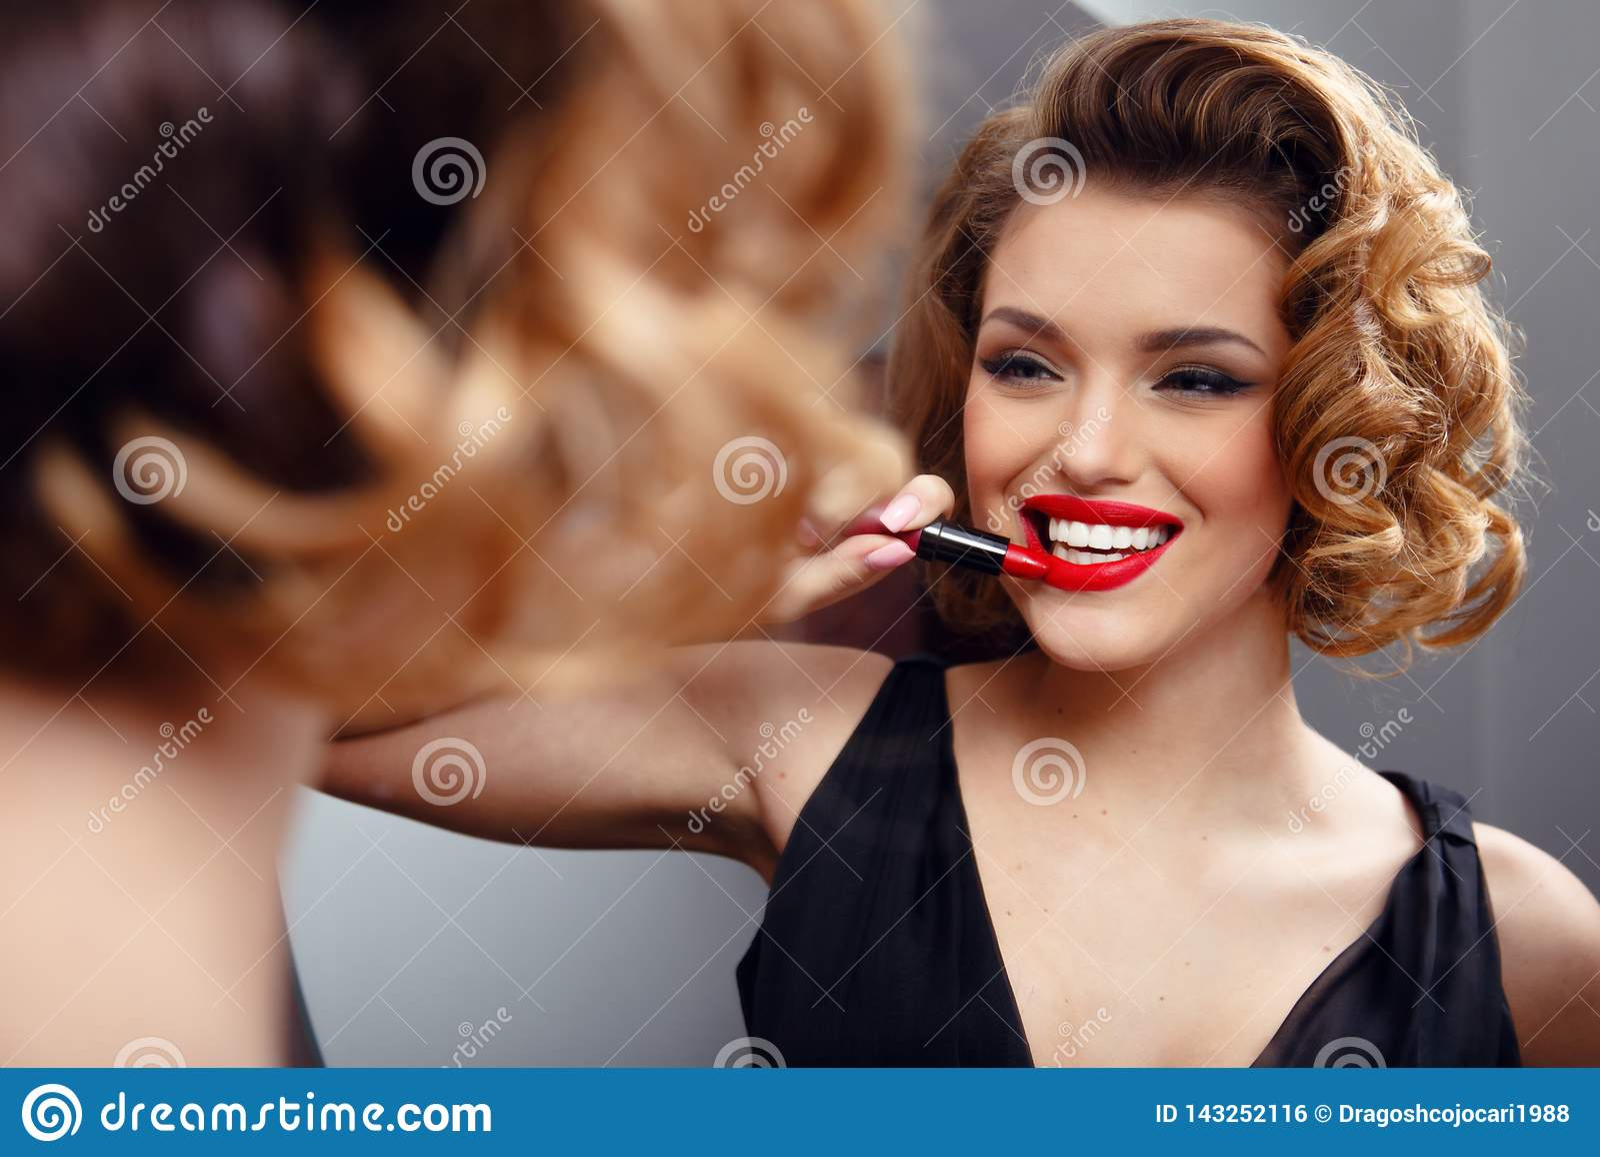 Jeune femme sexy séduisante appliquant le rouge à lèvres rouge sur les lèvres, regardant dans un miroir Rétro concept Employez le